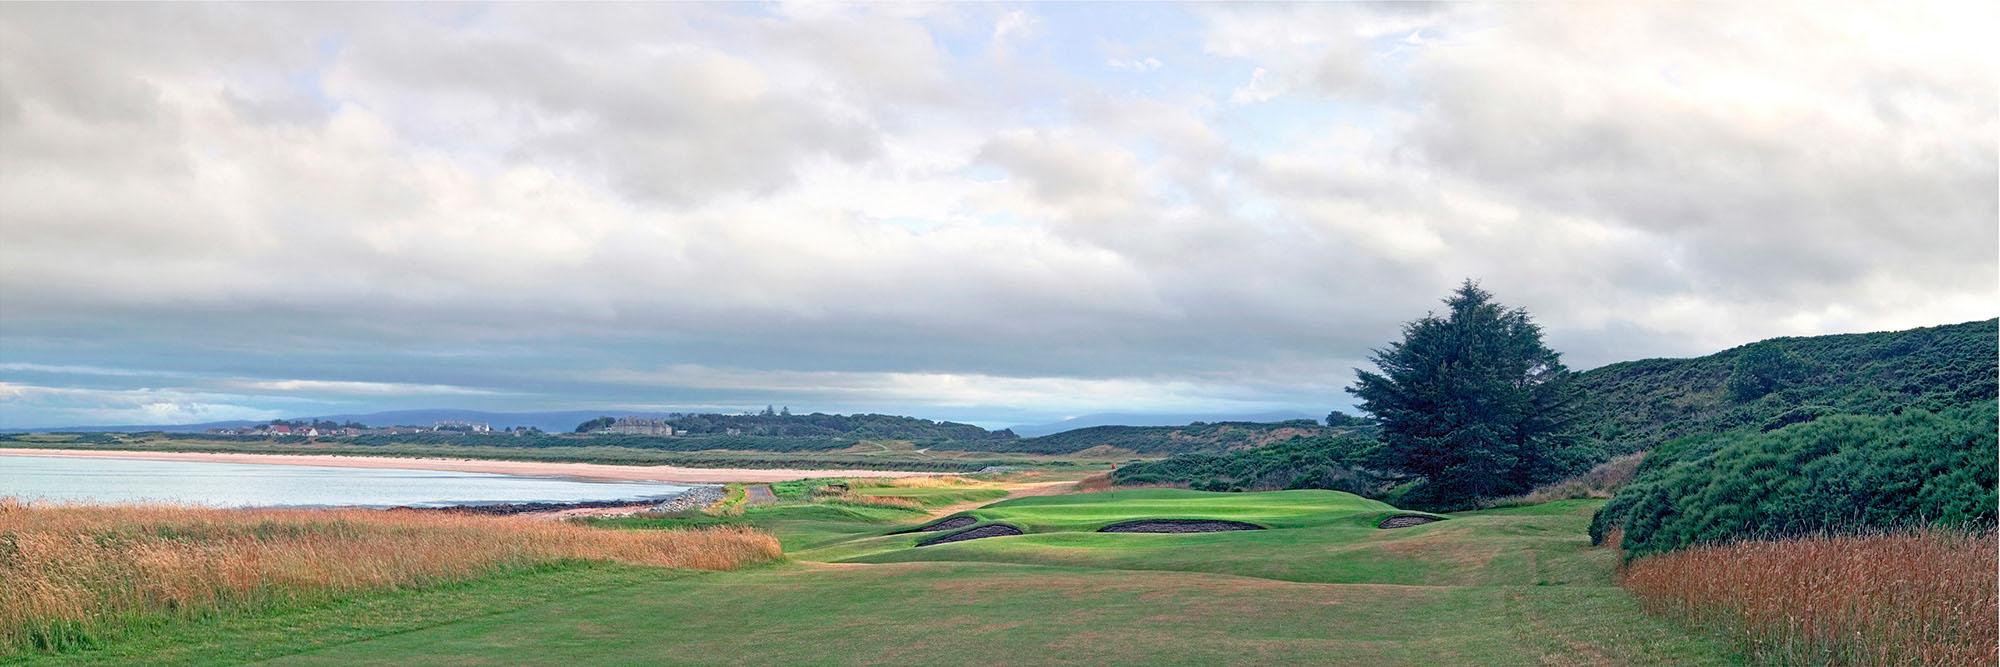 Golf Course Image - Royal Dornoch No. 10